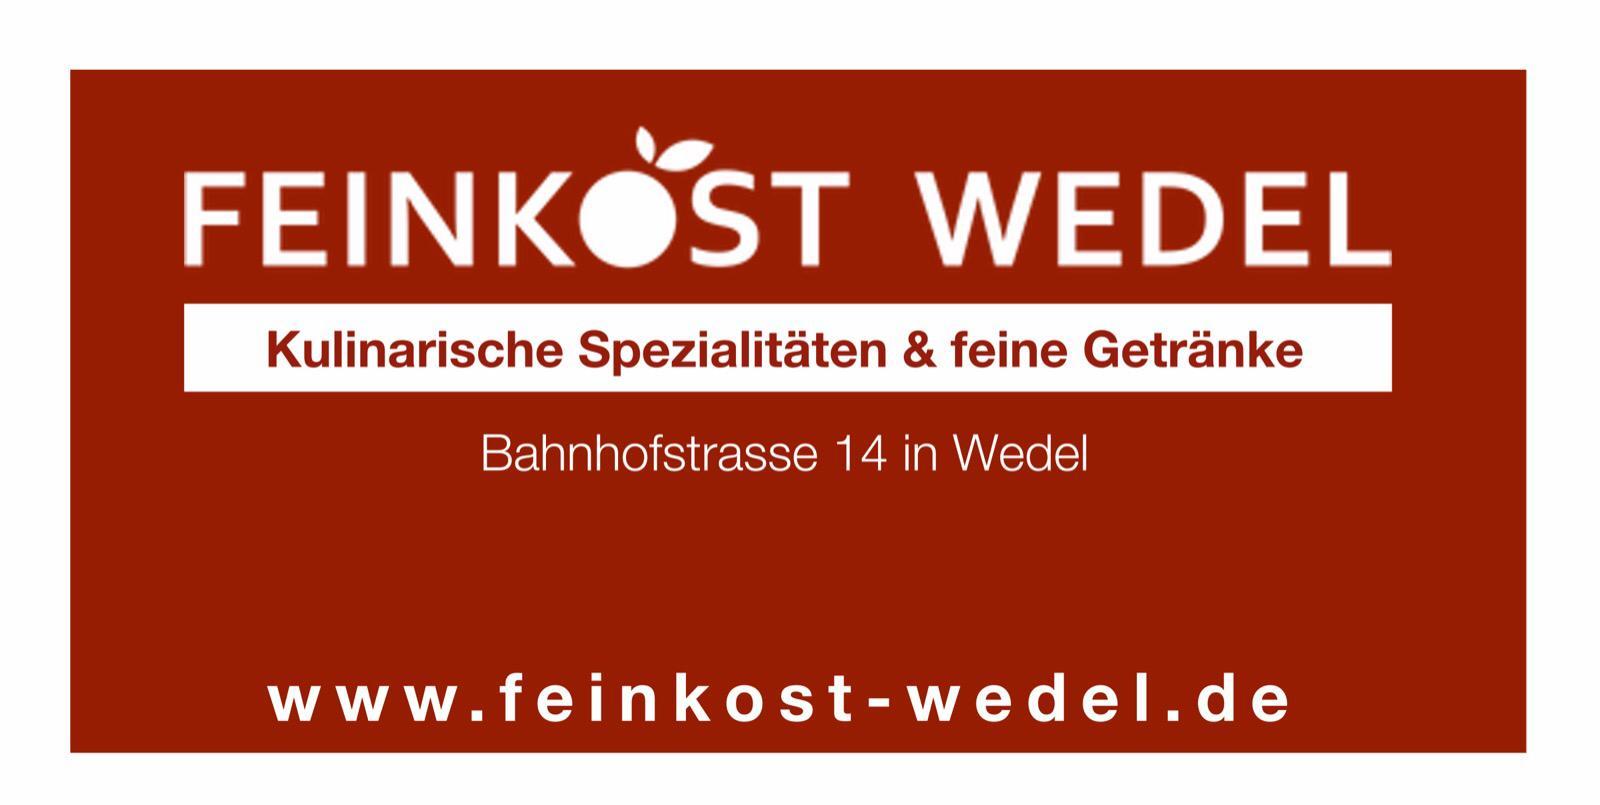 Mein-Wedel-Lieferservice-Feinkost-Wedel